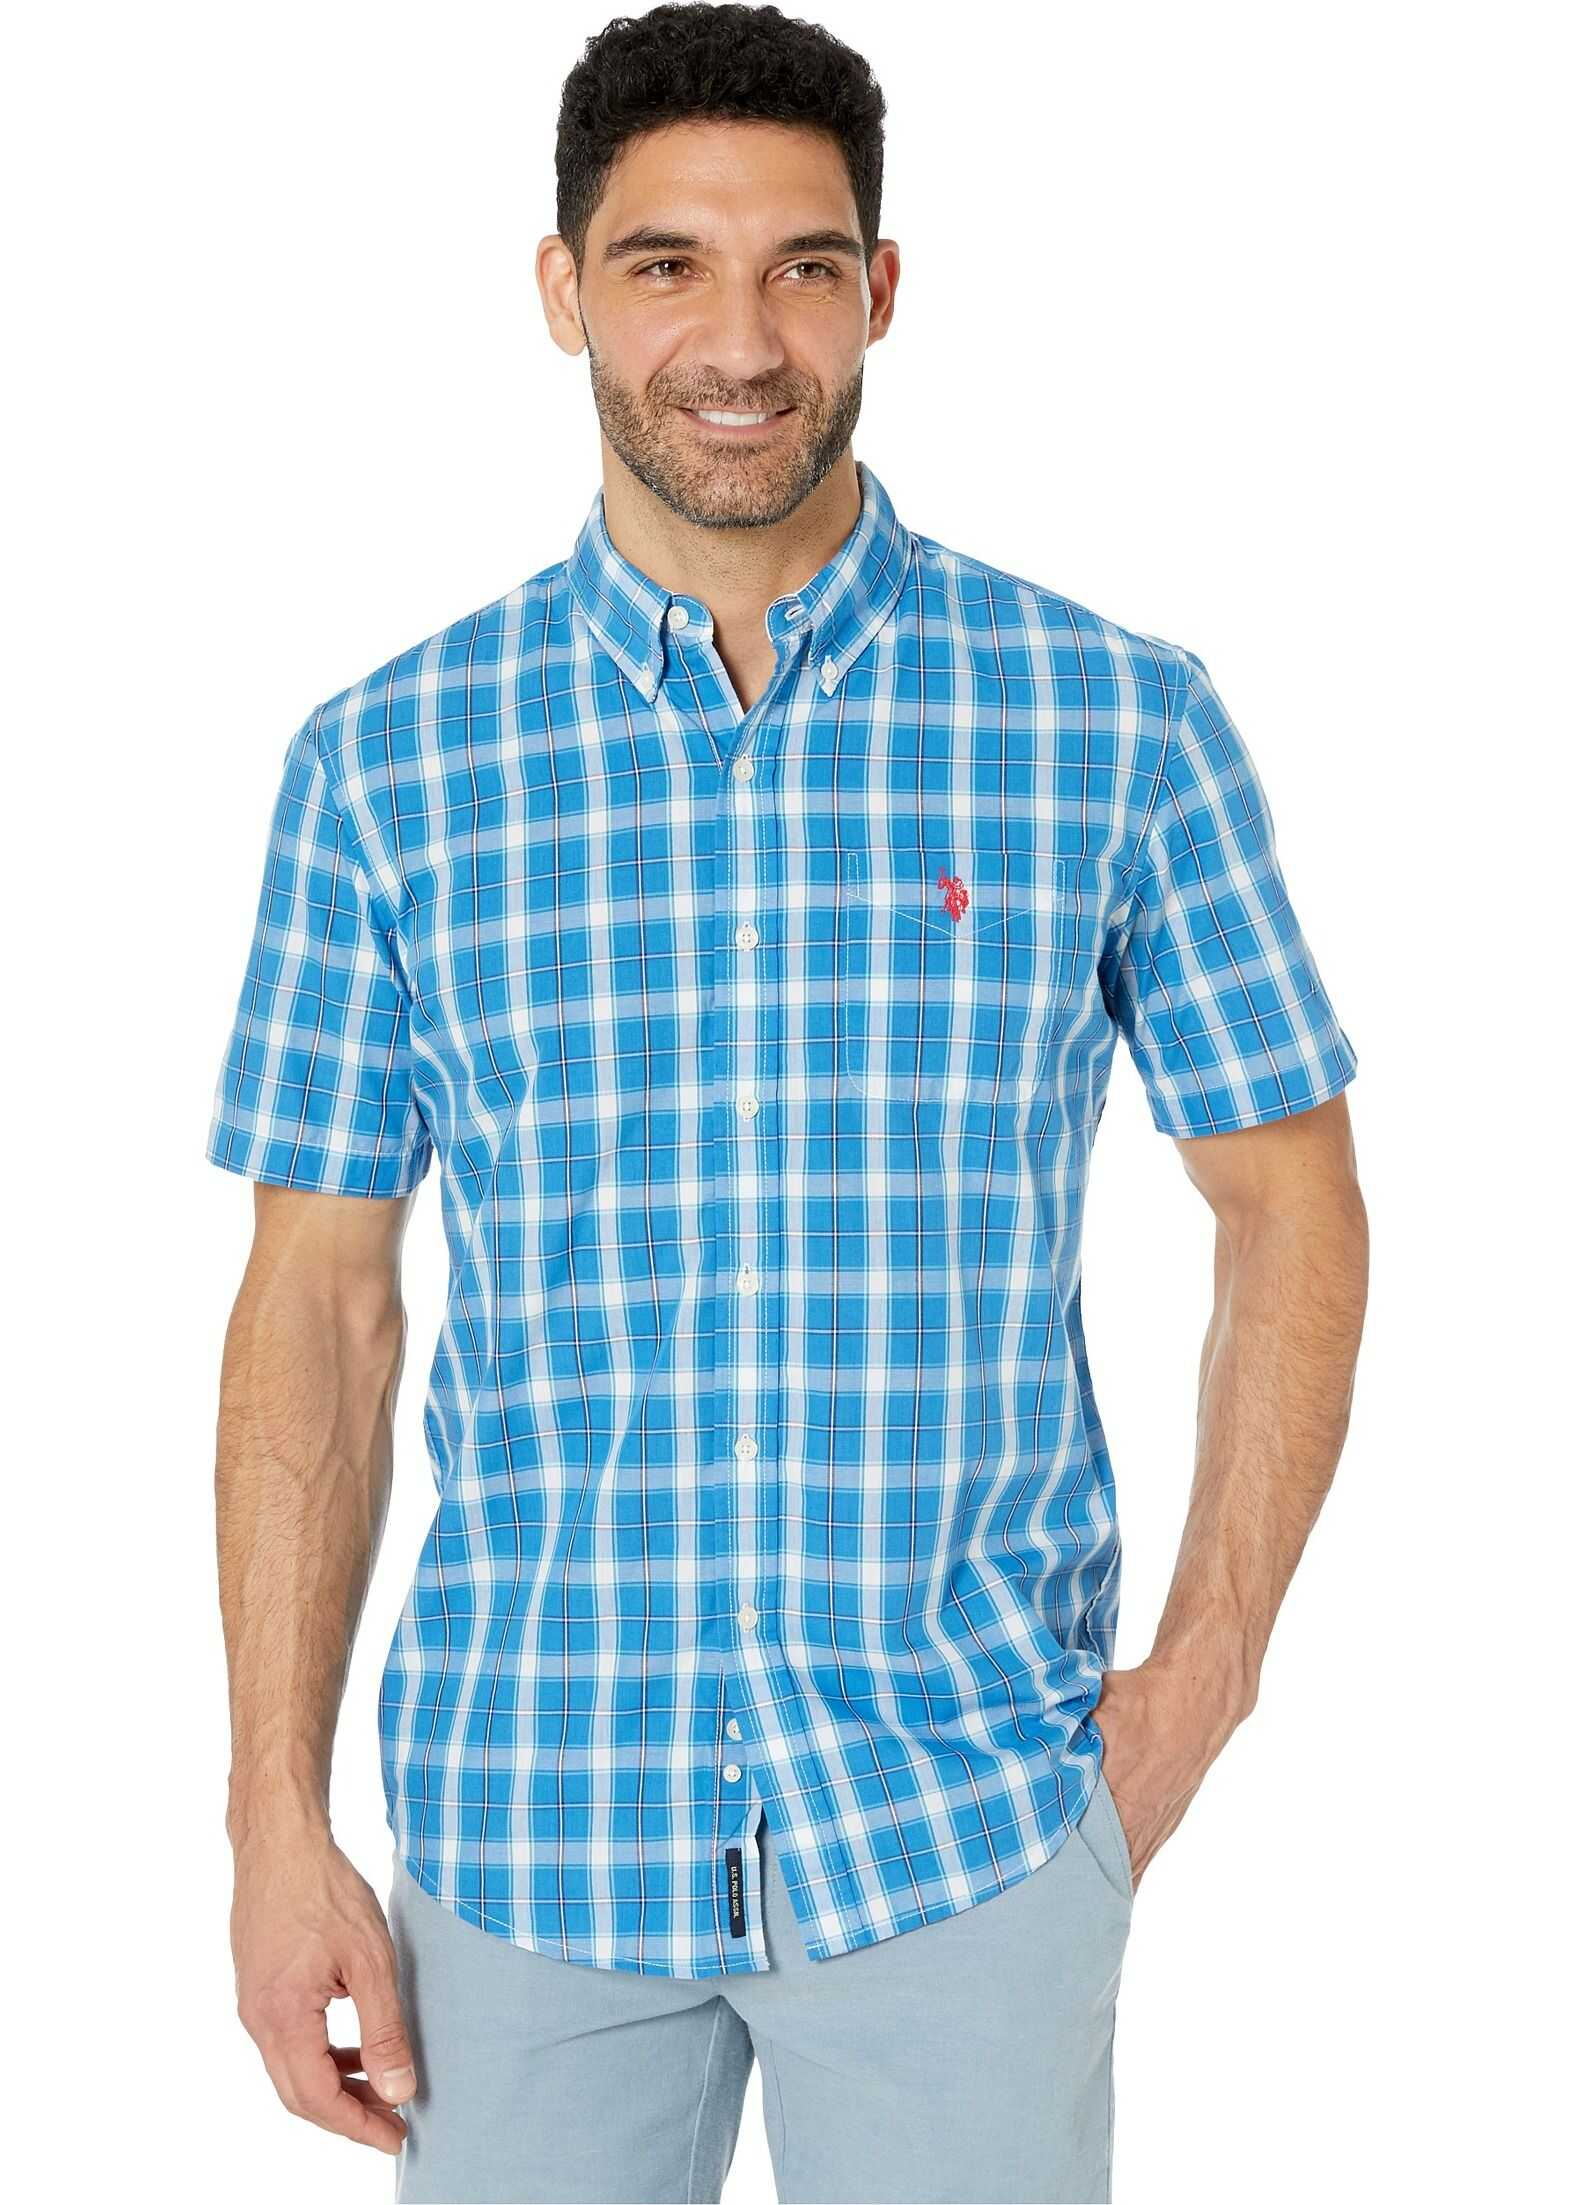 U.S. POLO ASSN. Short Sleeve Medium Plaid Woven Flip-Flop Blue